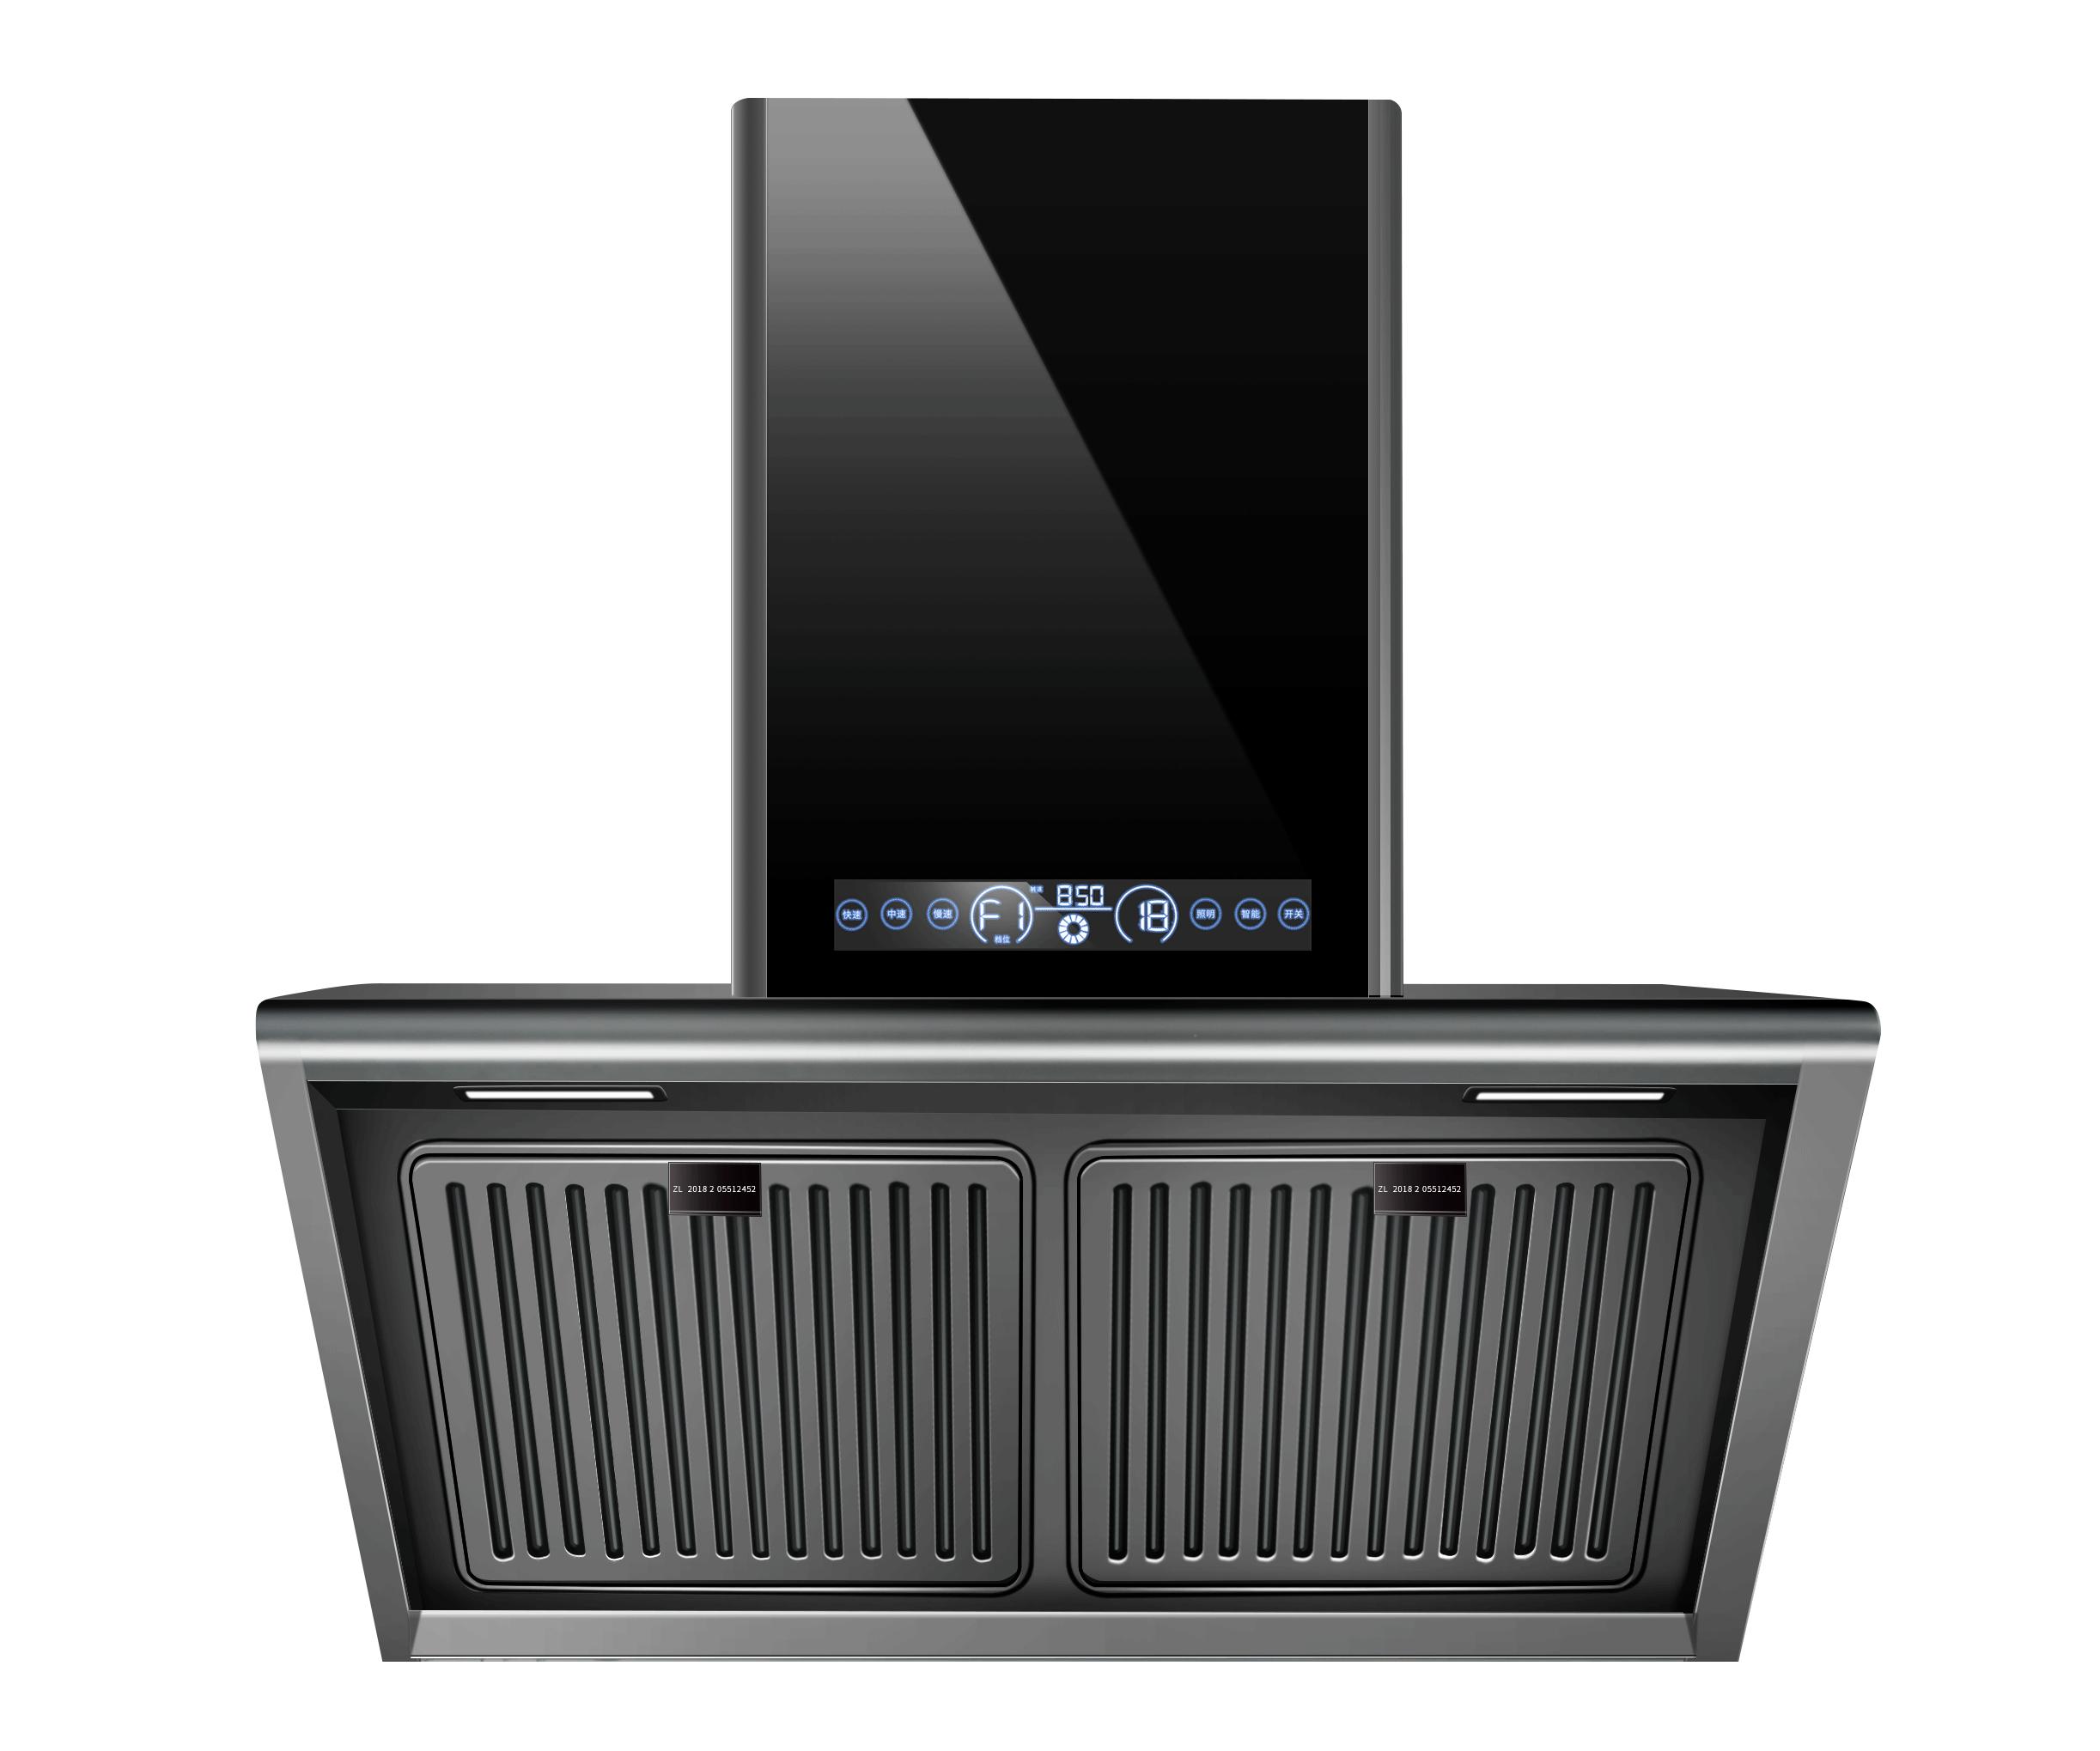 超人侧吸油烟机  CXW-265-AC68 双重清洗 专利油烟分离 智能体感 一键自动清洗